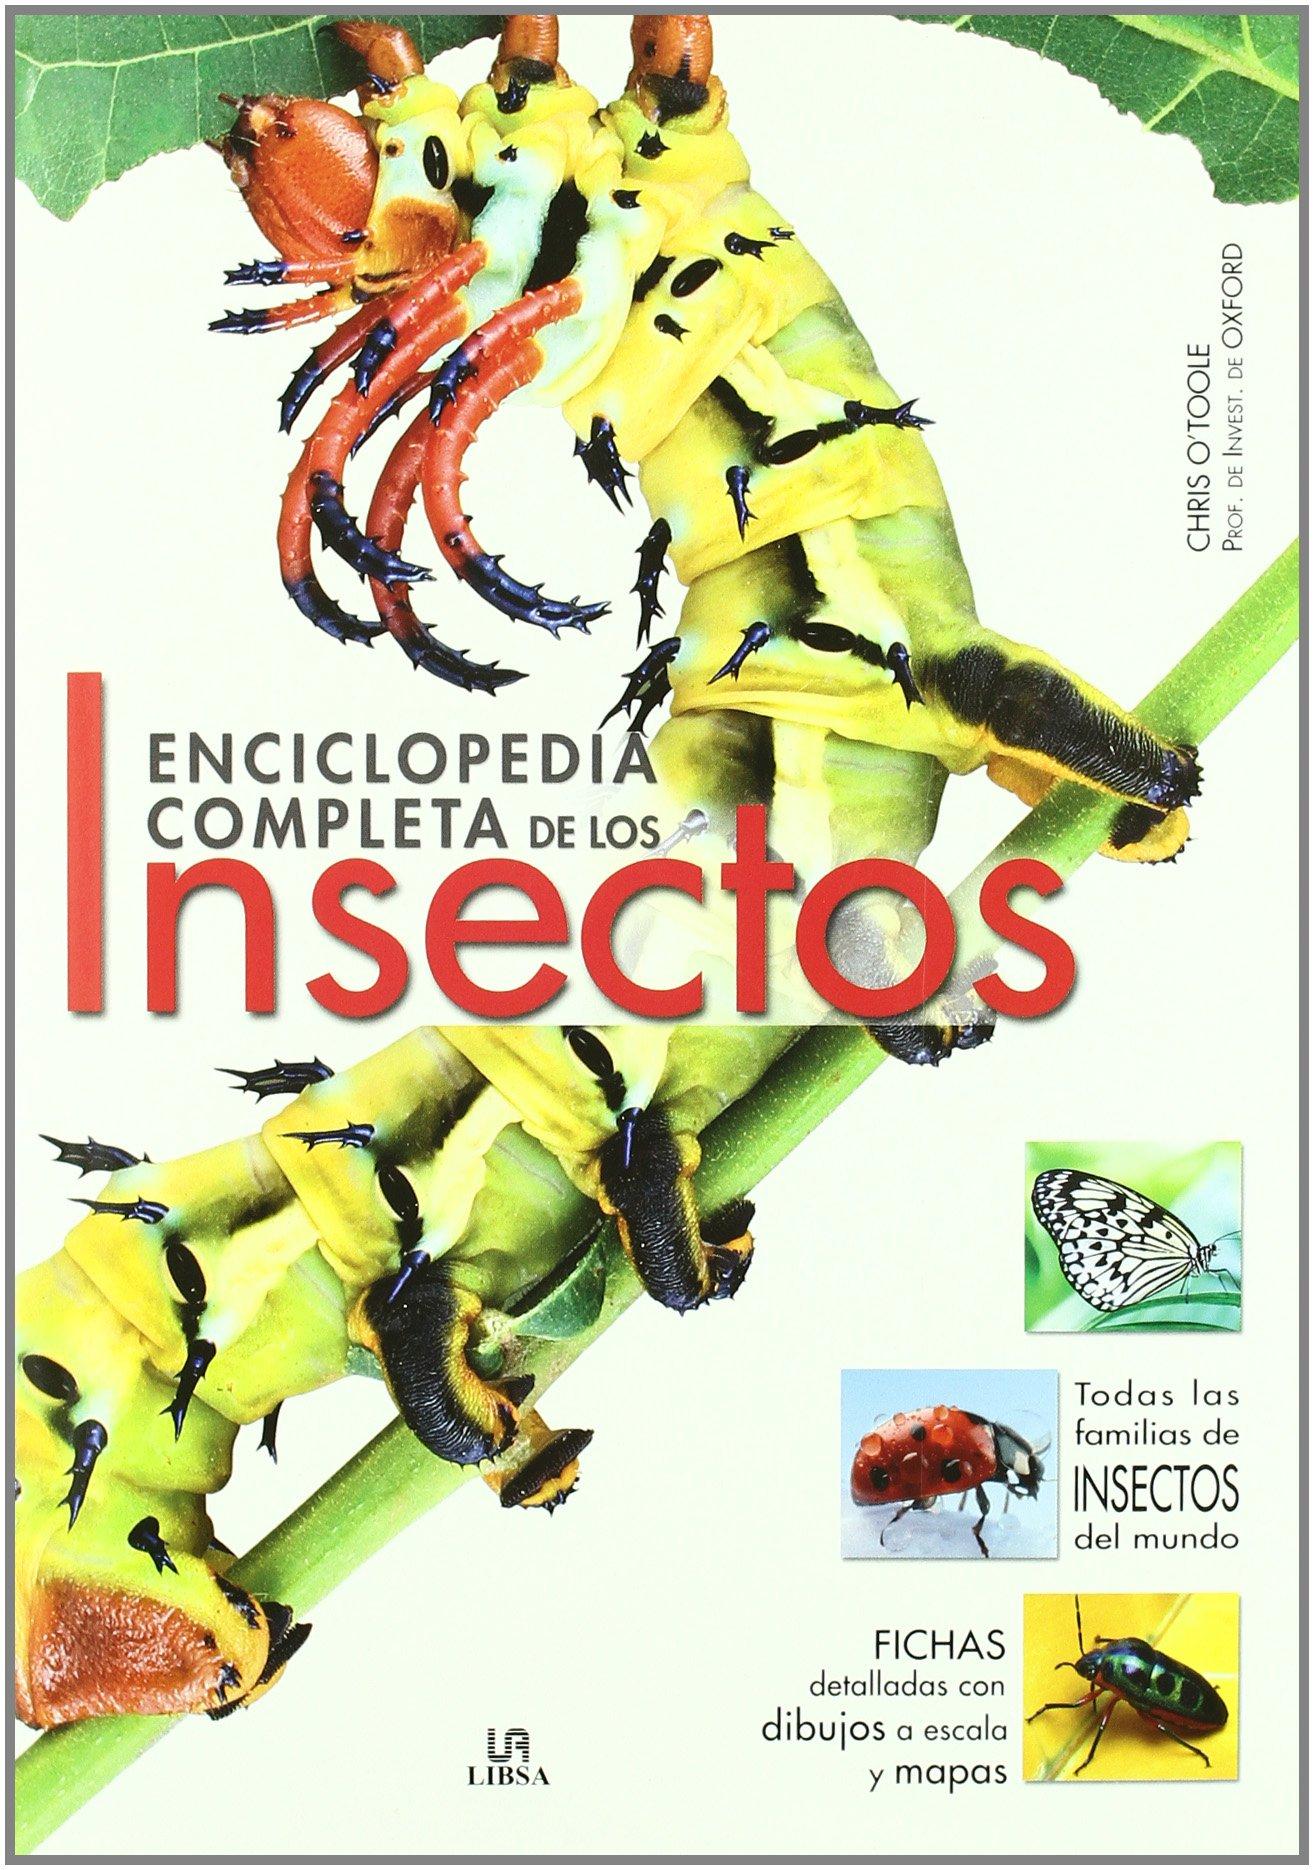 Enciclopedia Completa de los Insectos (Grandes Obras): Amazon.es: OToole, Christopher, Parra Ortiz, José Miguel: Libros